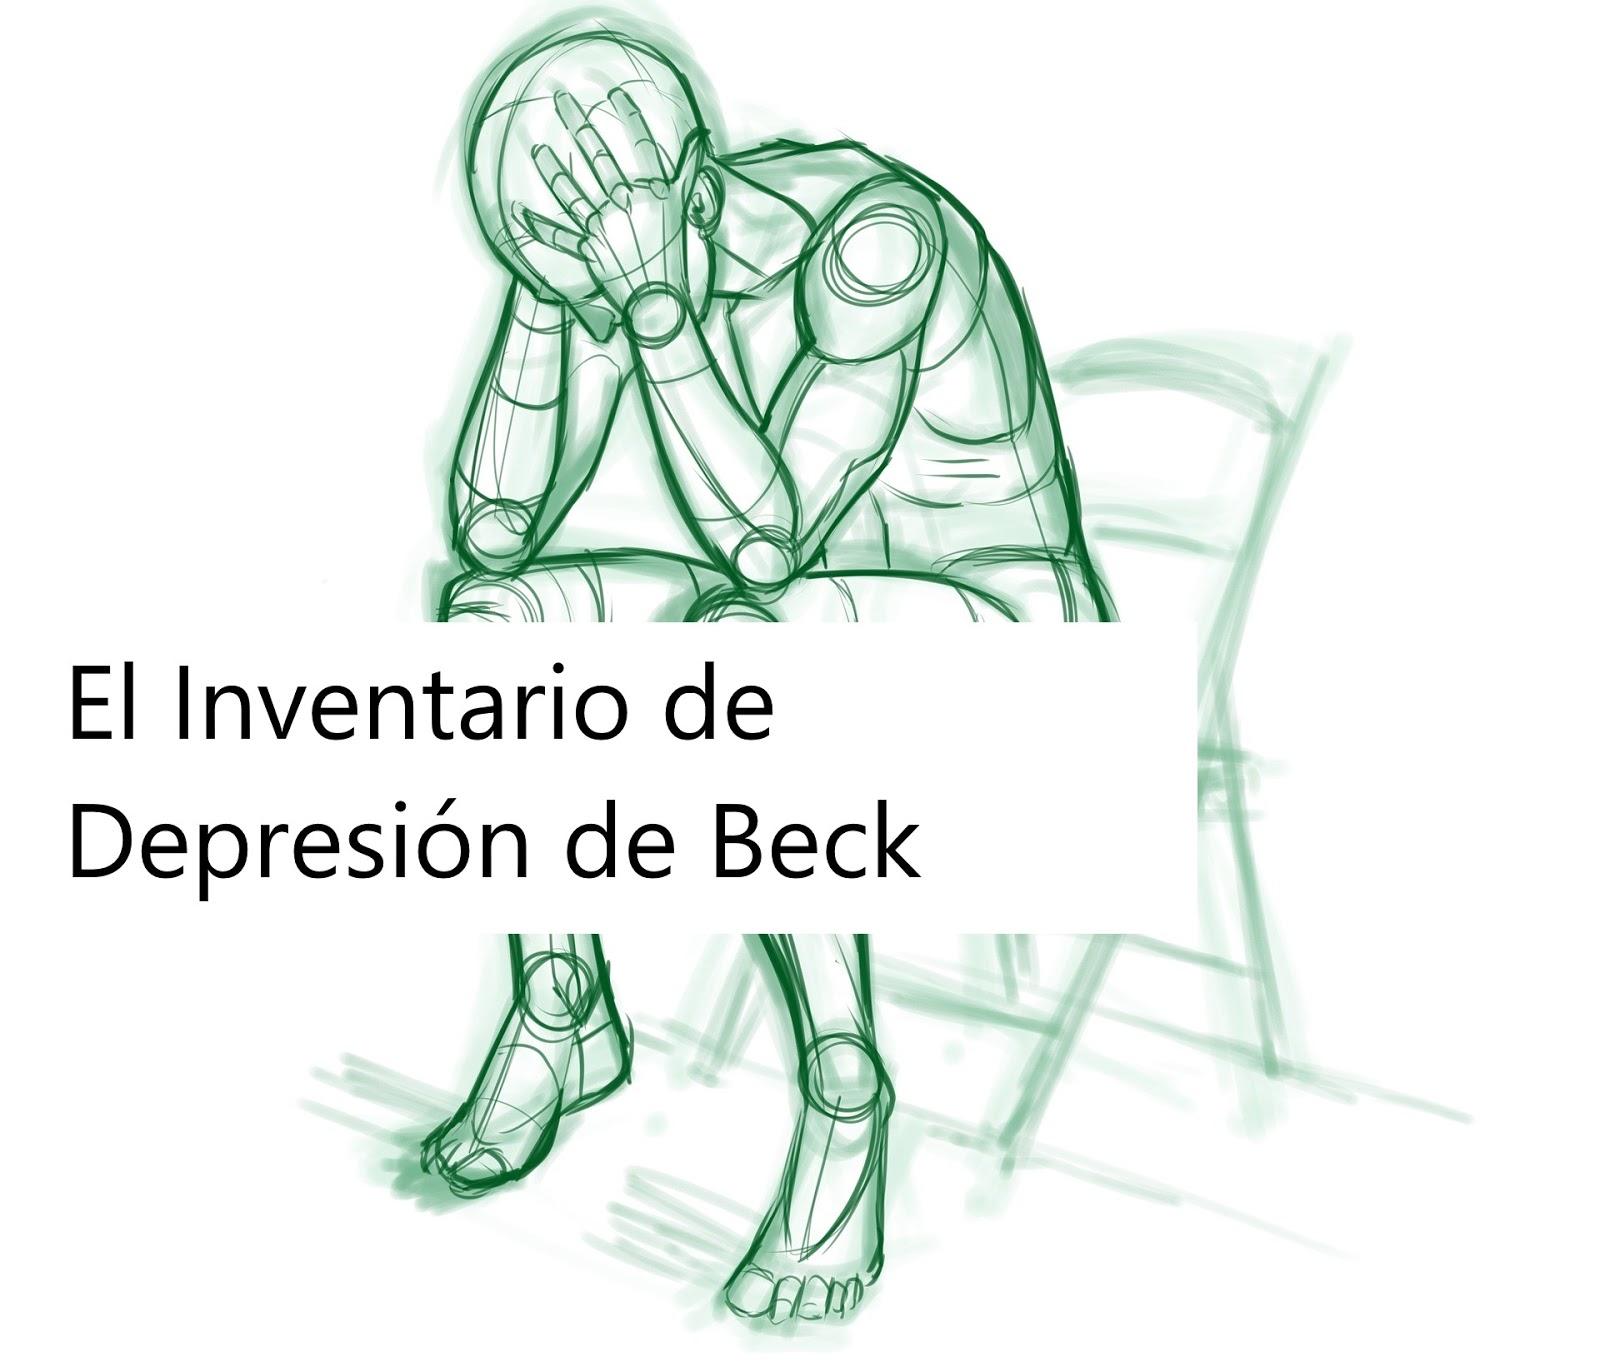 El Inventario de Depresión de Beck.